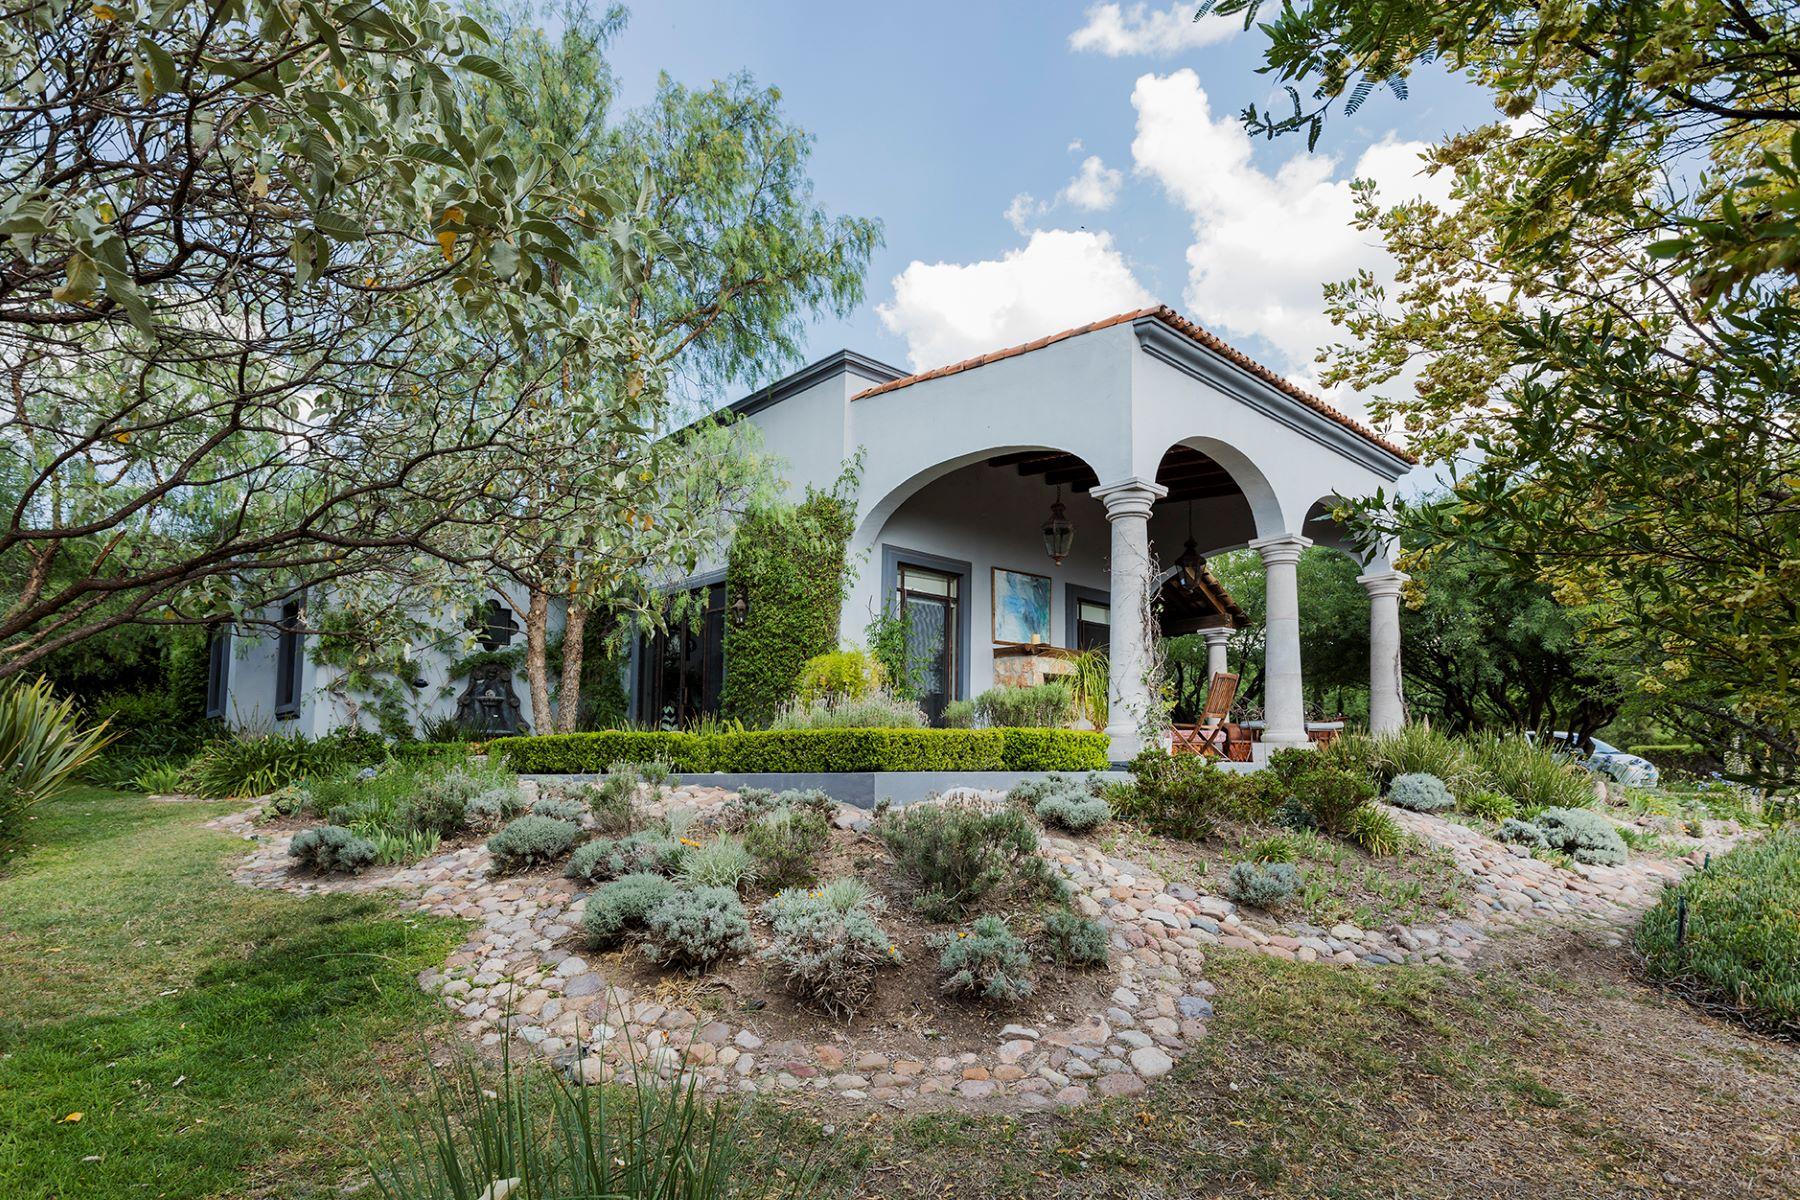 Single Family Home for Sale at Casa Alpaca Candelaria, San Miguel De Allende, Guanajuato Mexico